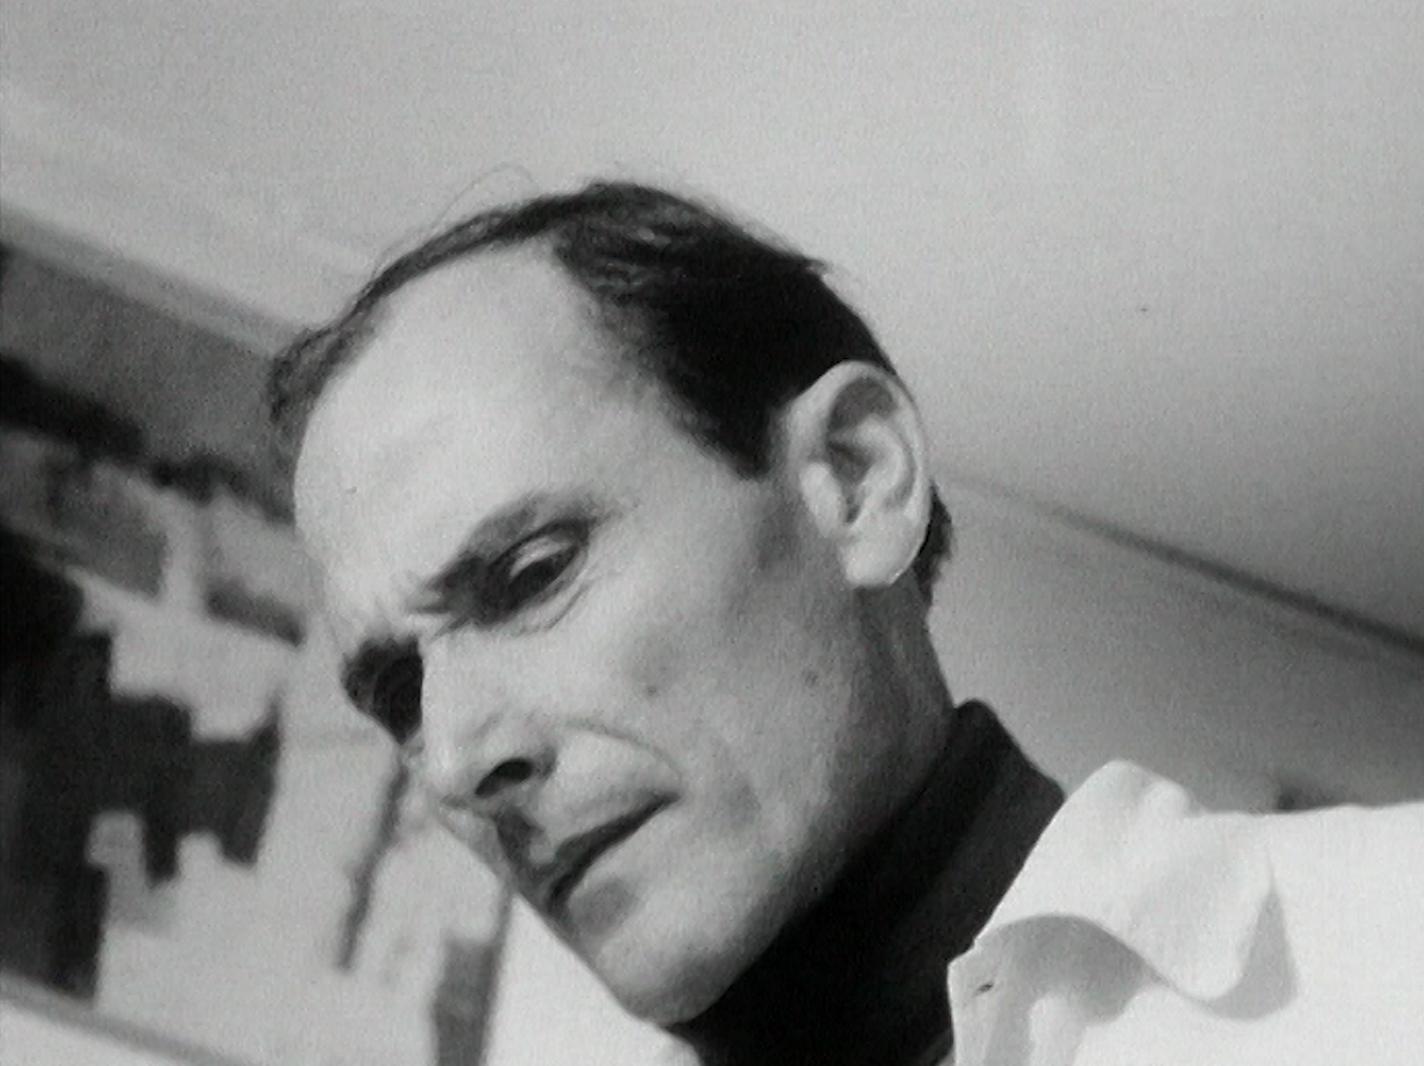 Walter Mafli